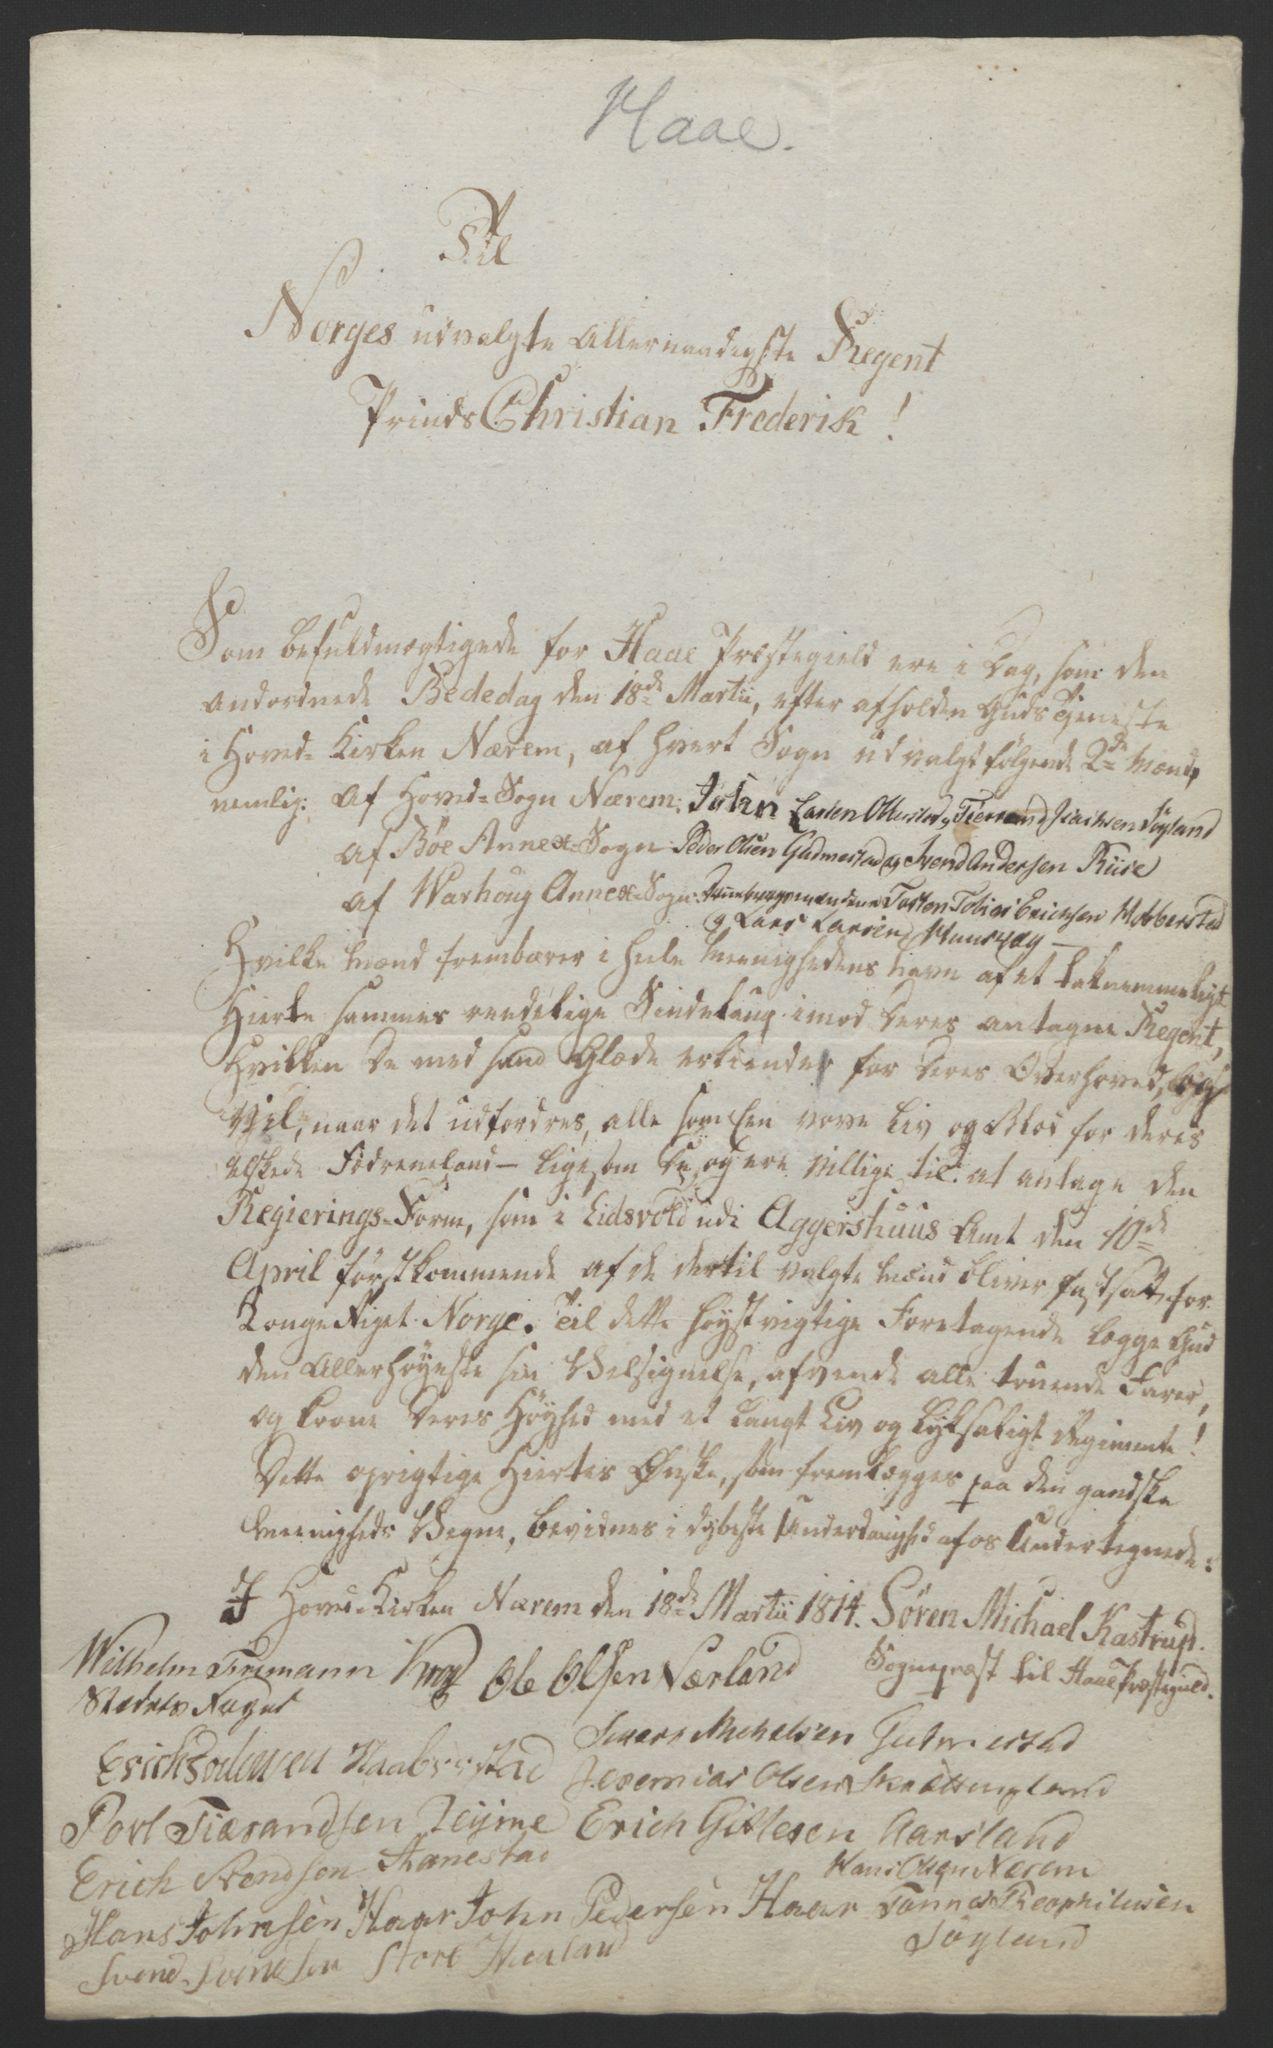 RA, Statsrådssekretariatet, D/Db/L0008: Fullmakter for Eidsvollsrepresentantene i 1814. , 1814, s. 218